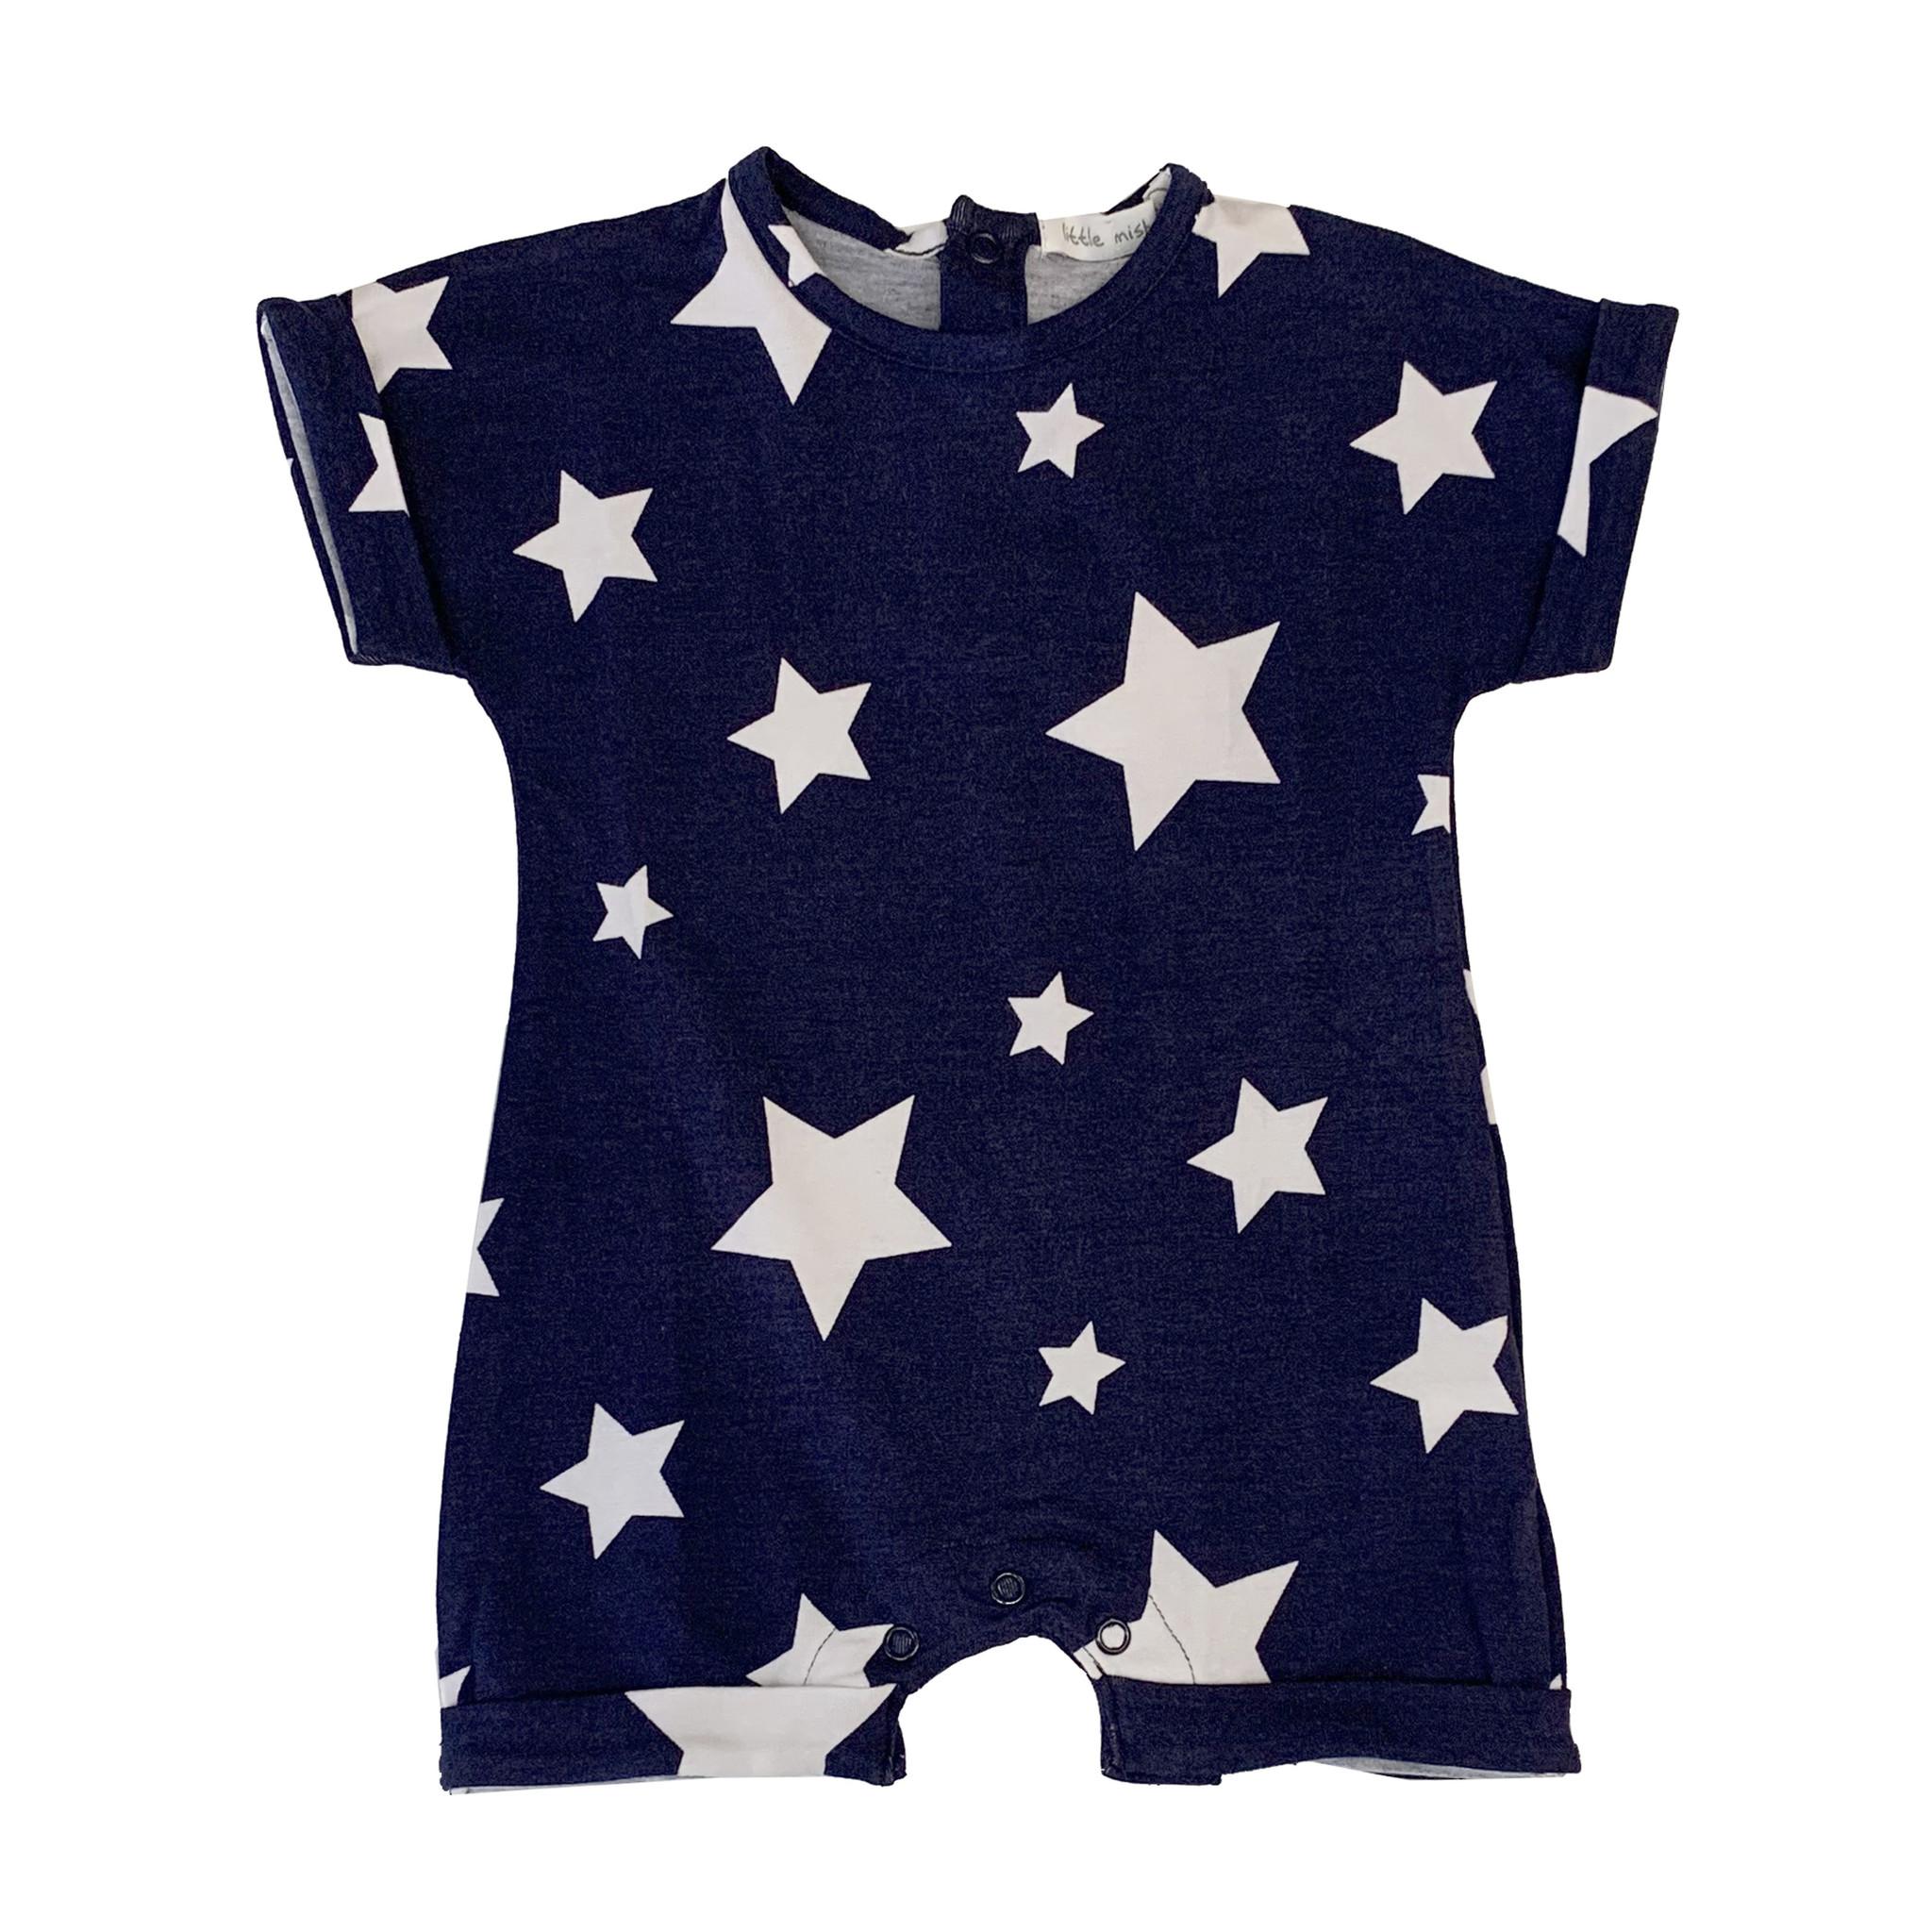 Little Mish Navy White Star Shortall